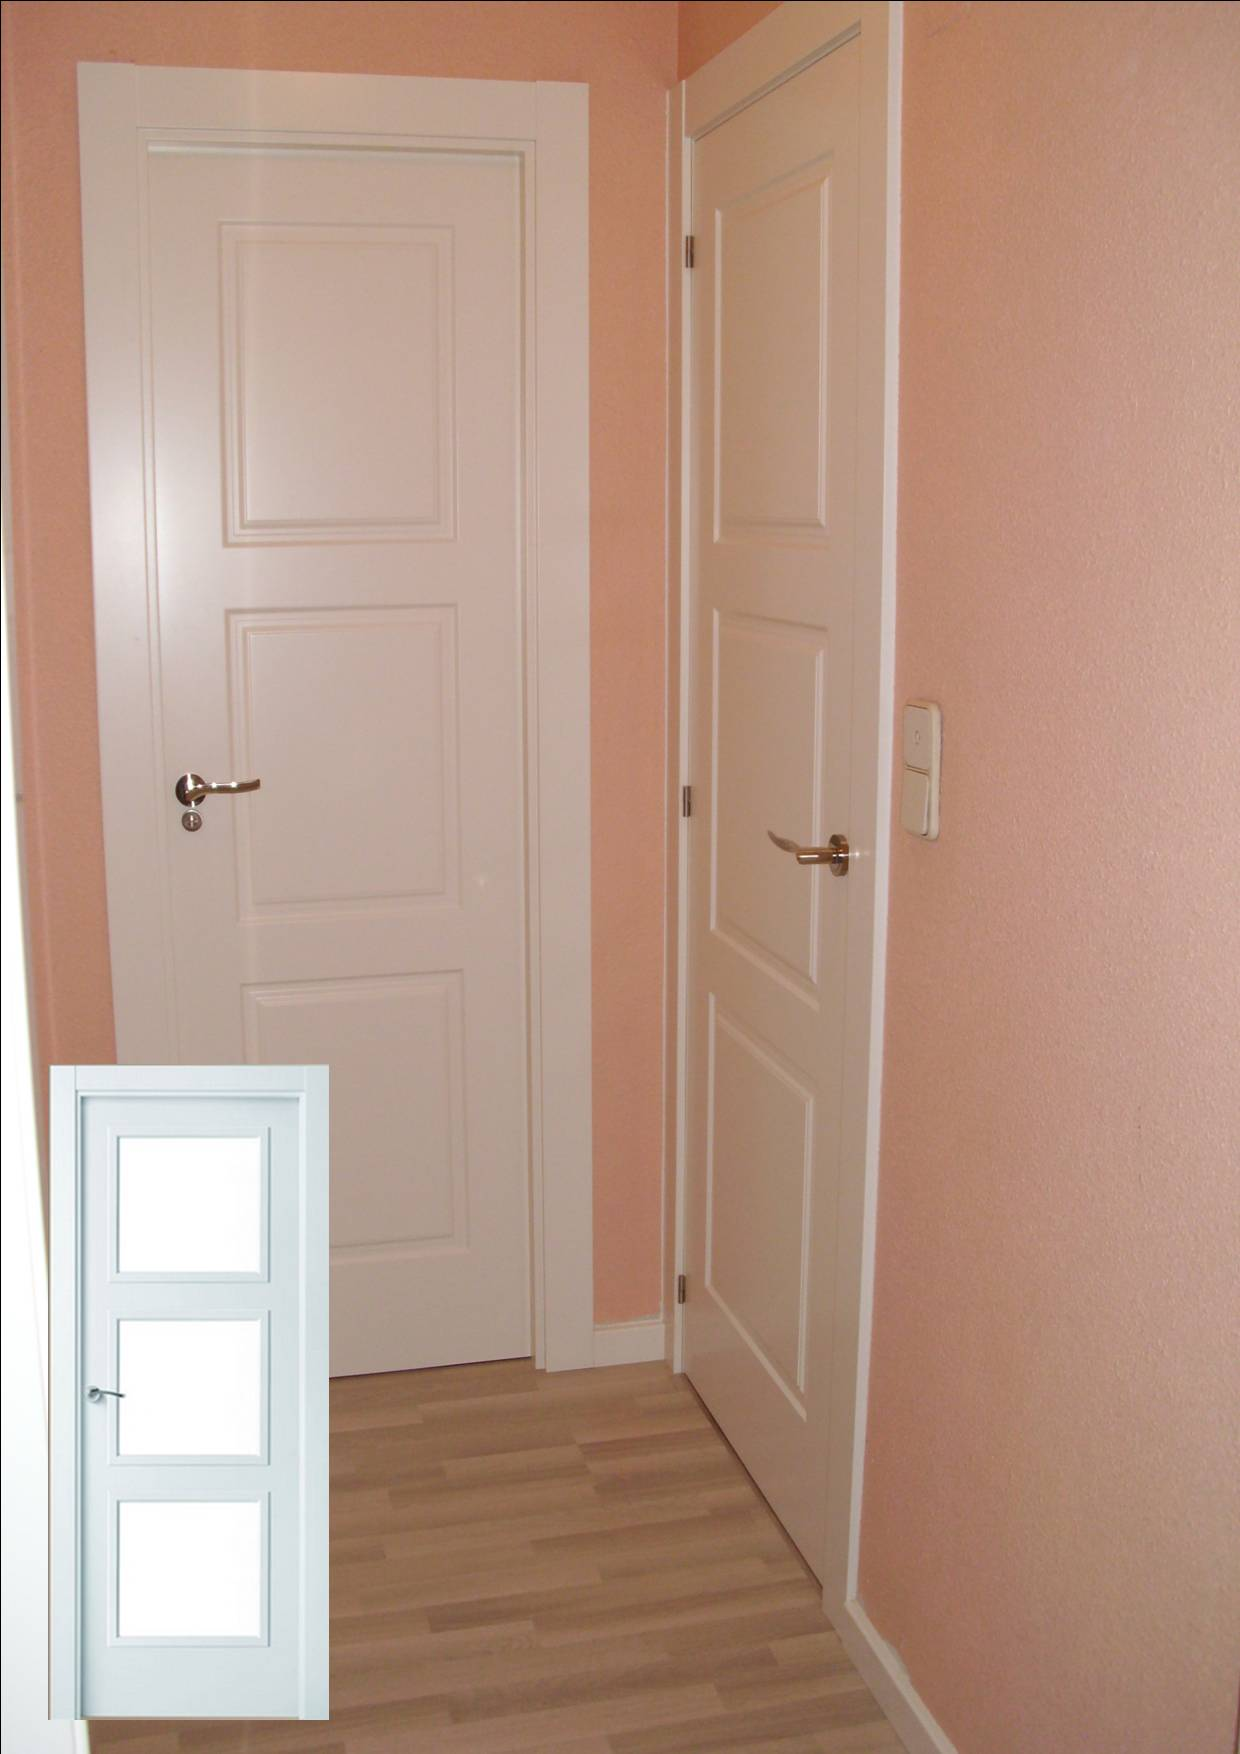 Instalación de puertas y tarima de Diseño Herrero en Zaragoza